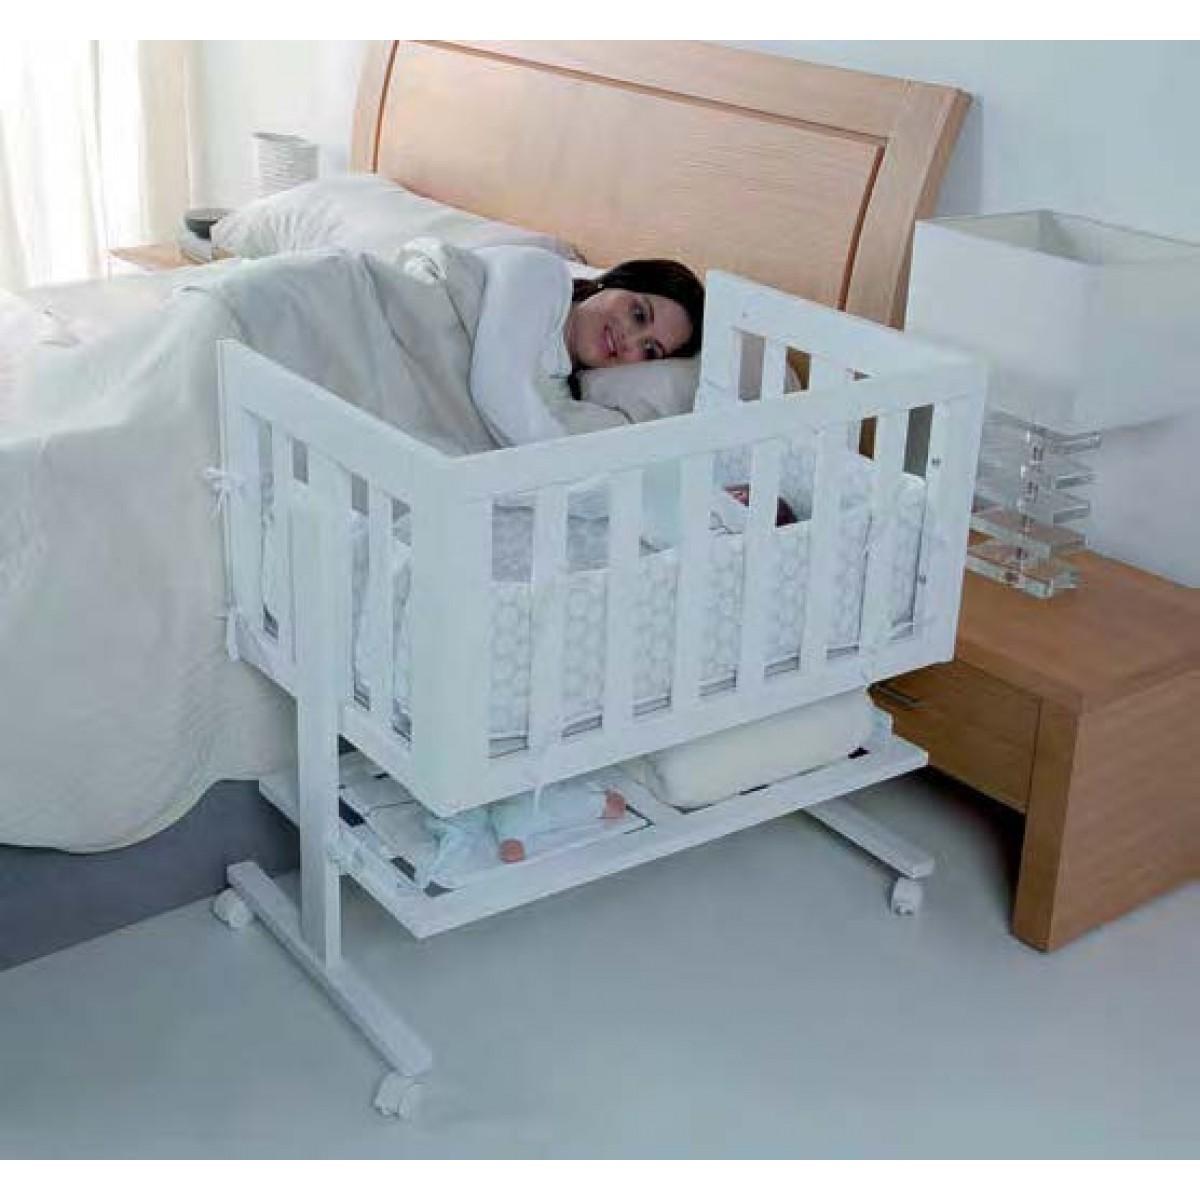 lit pliant b b en bois pas cher. Black Bedroom Furniture Sets. Home Design Ideas